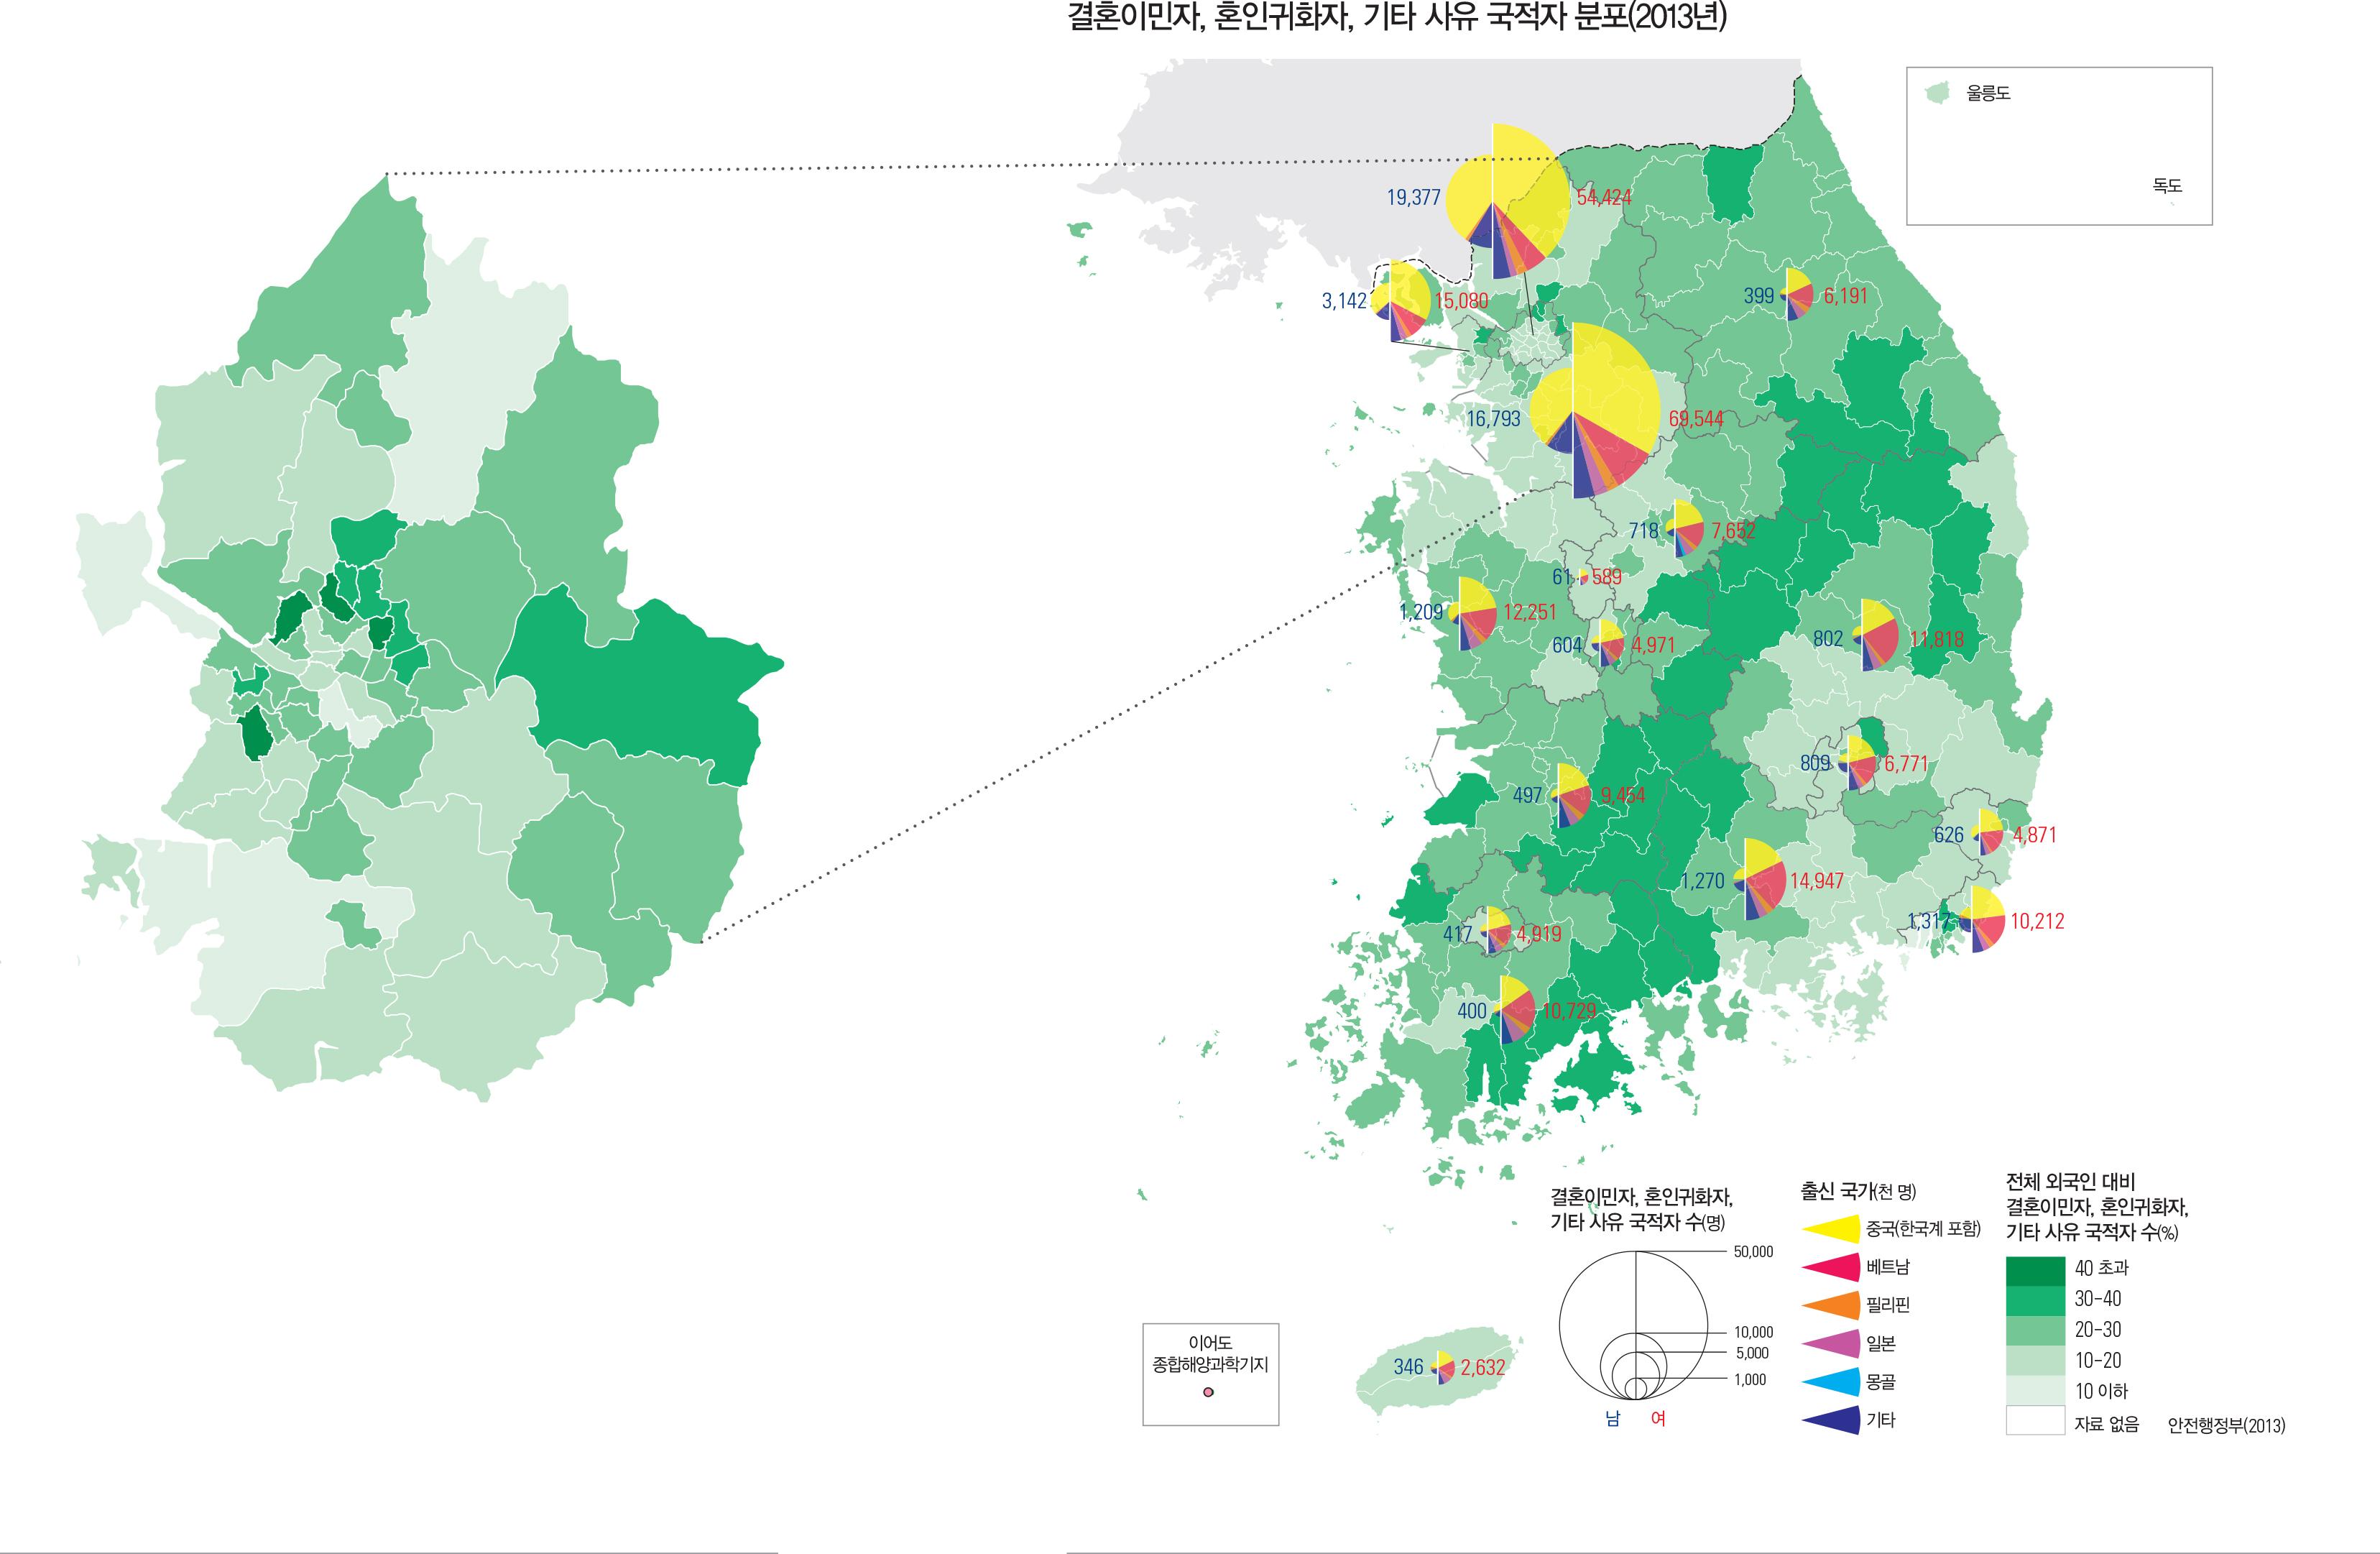 결혼이민자, 혼인귀화자, 기타 사유 국적자 분포(2013년)